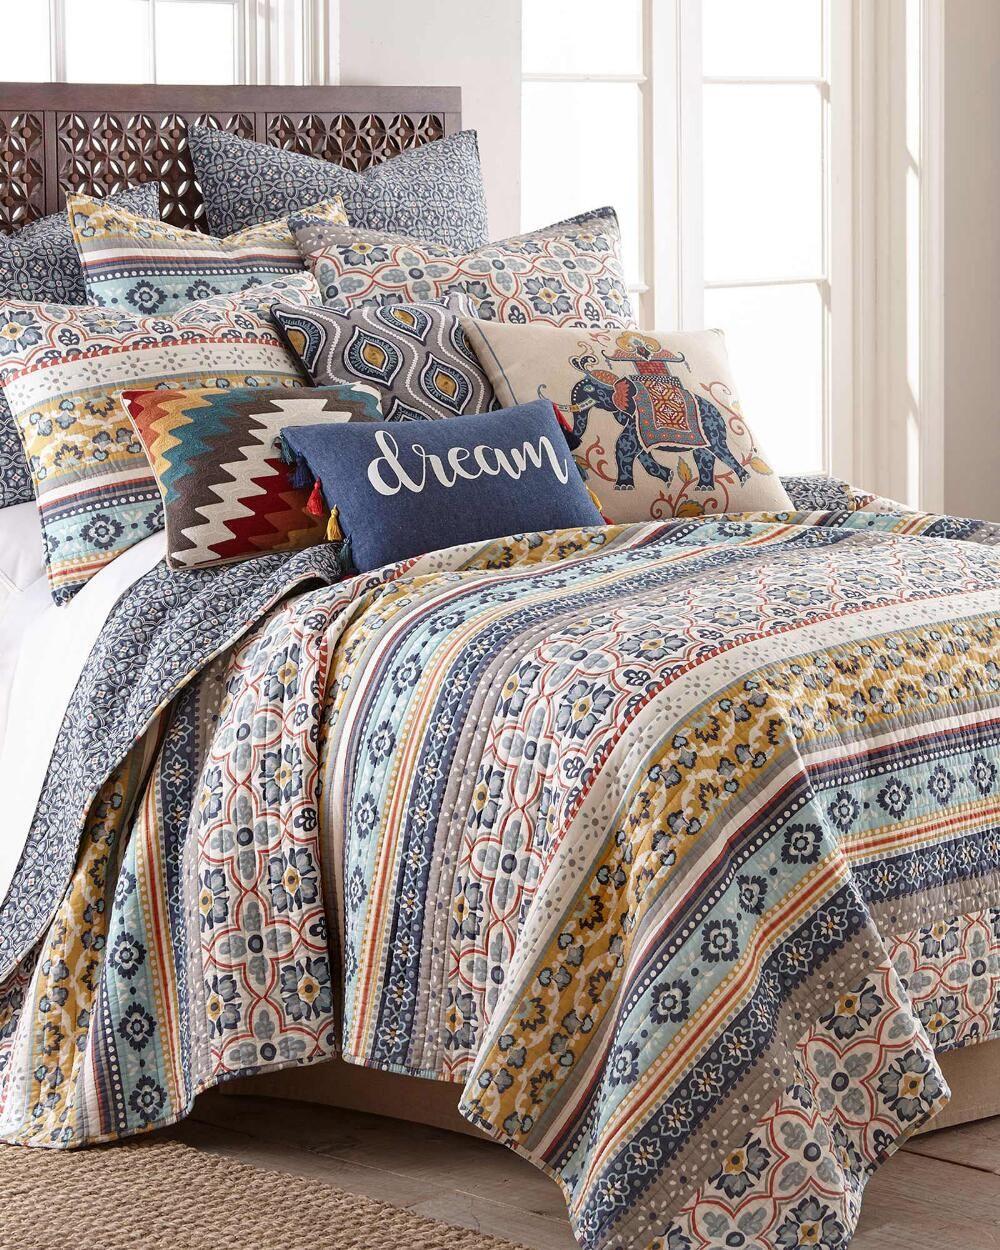 Discount Luxury Quilts & Quilt Bedding Sets | Stein Mart ...